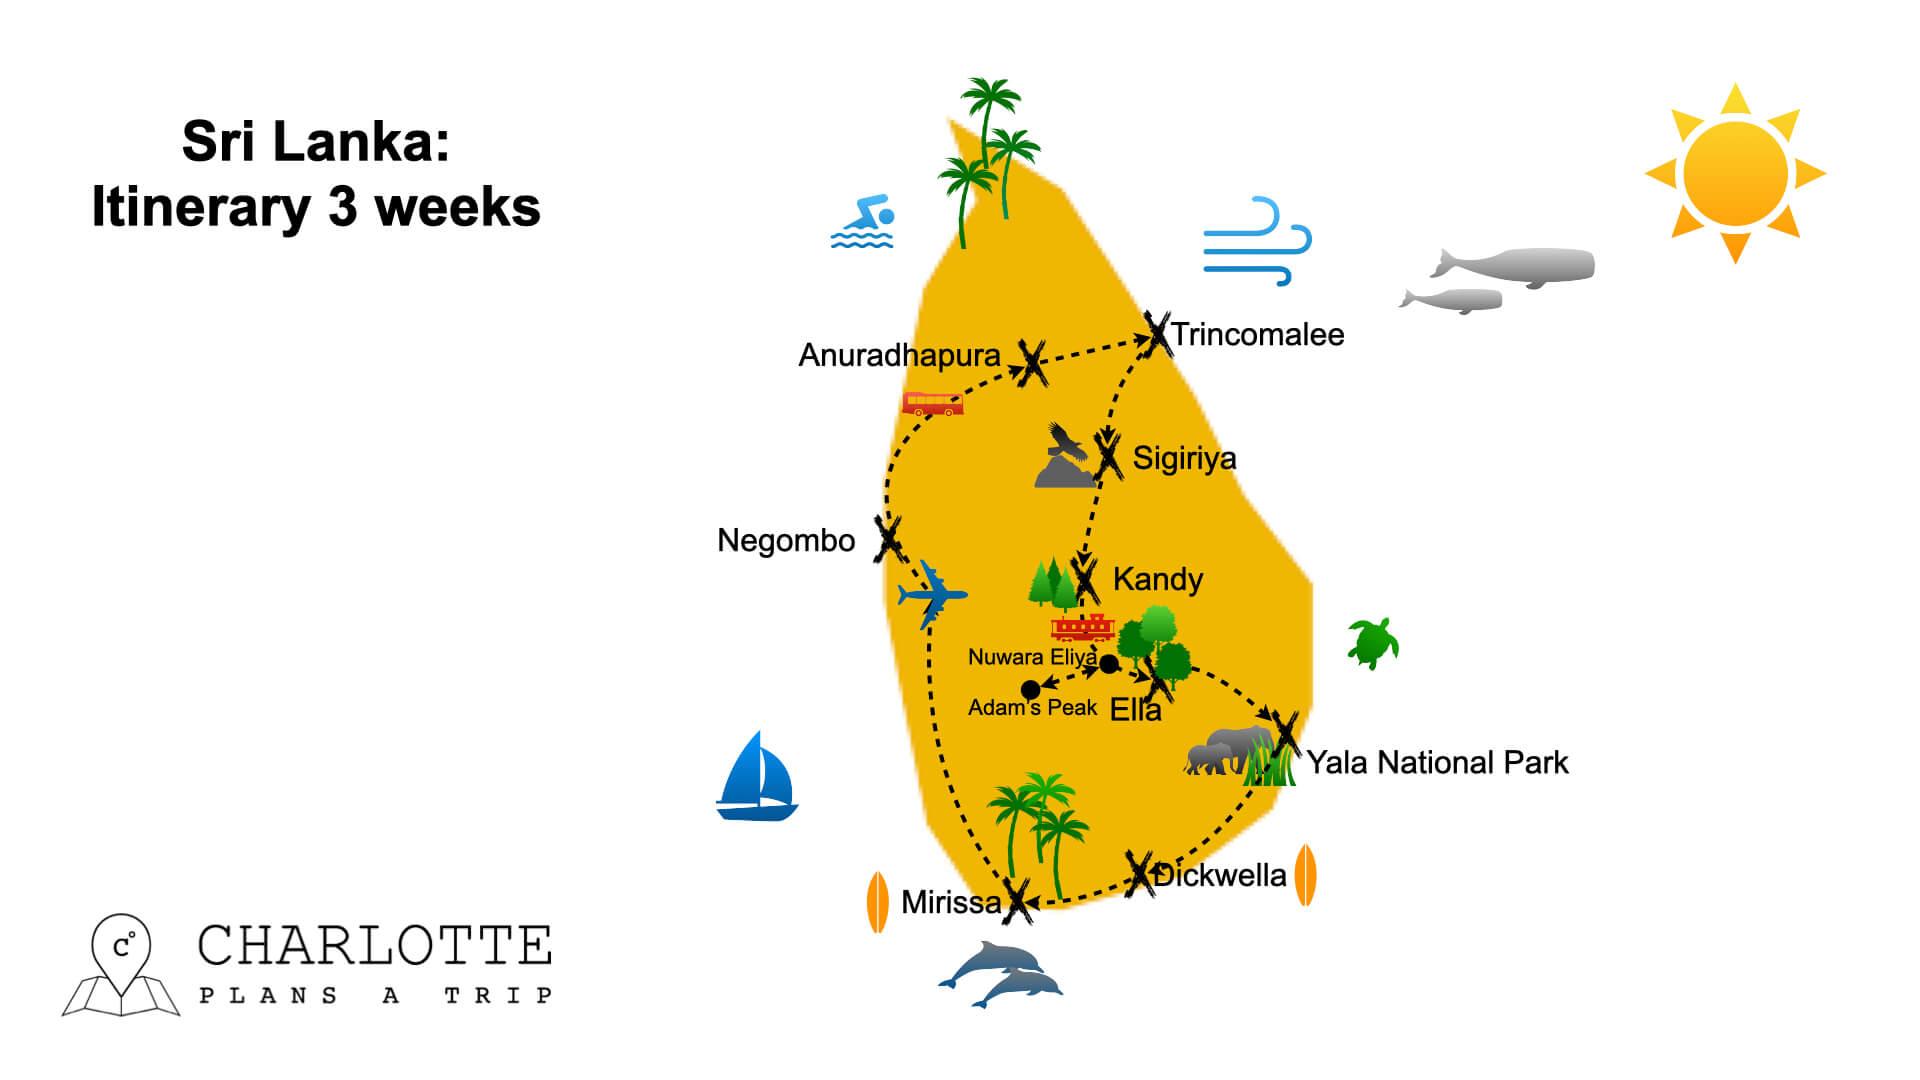 Sri Lanka itinerary 3 weeks Visit Sri Lanka